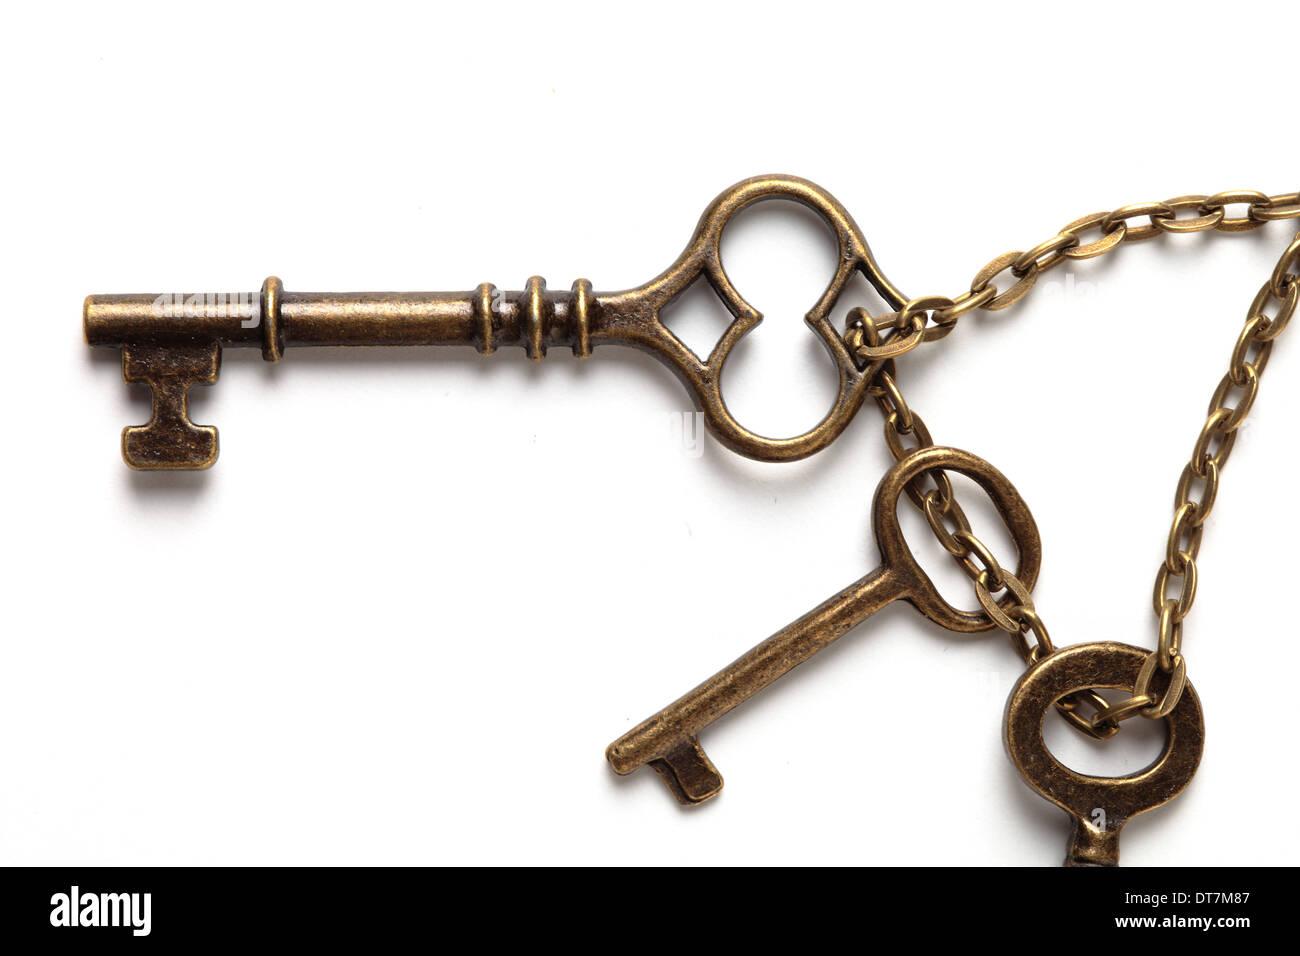 Imagen de las antiguas llaves aislado en blanco Imagen De Stock